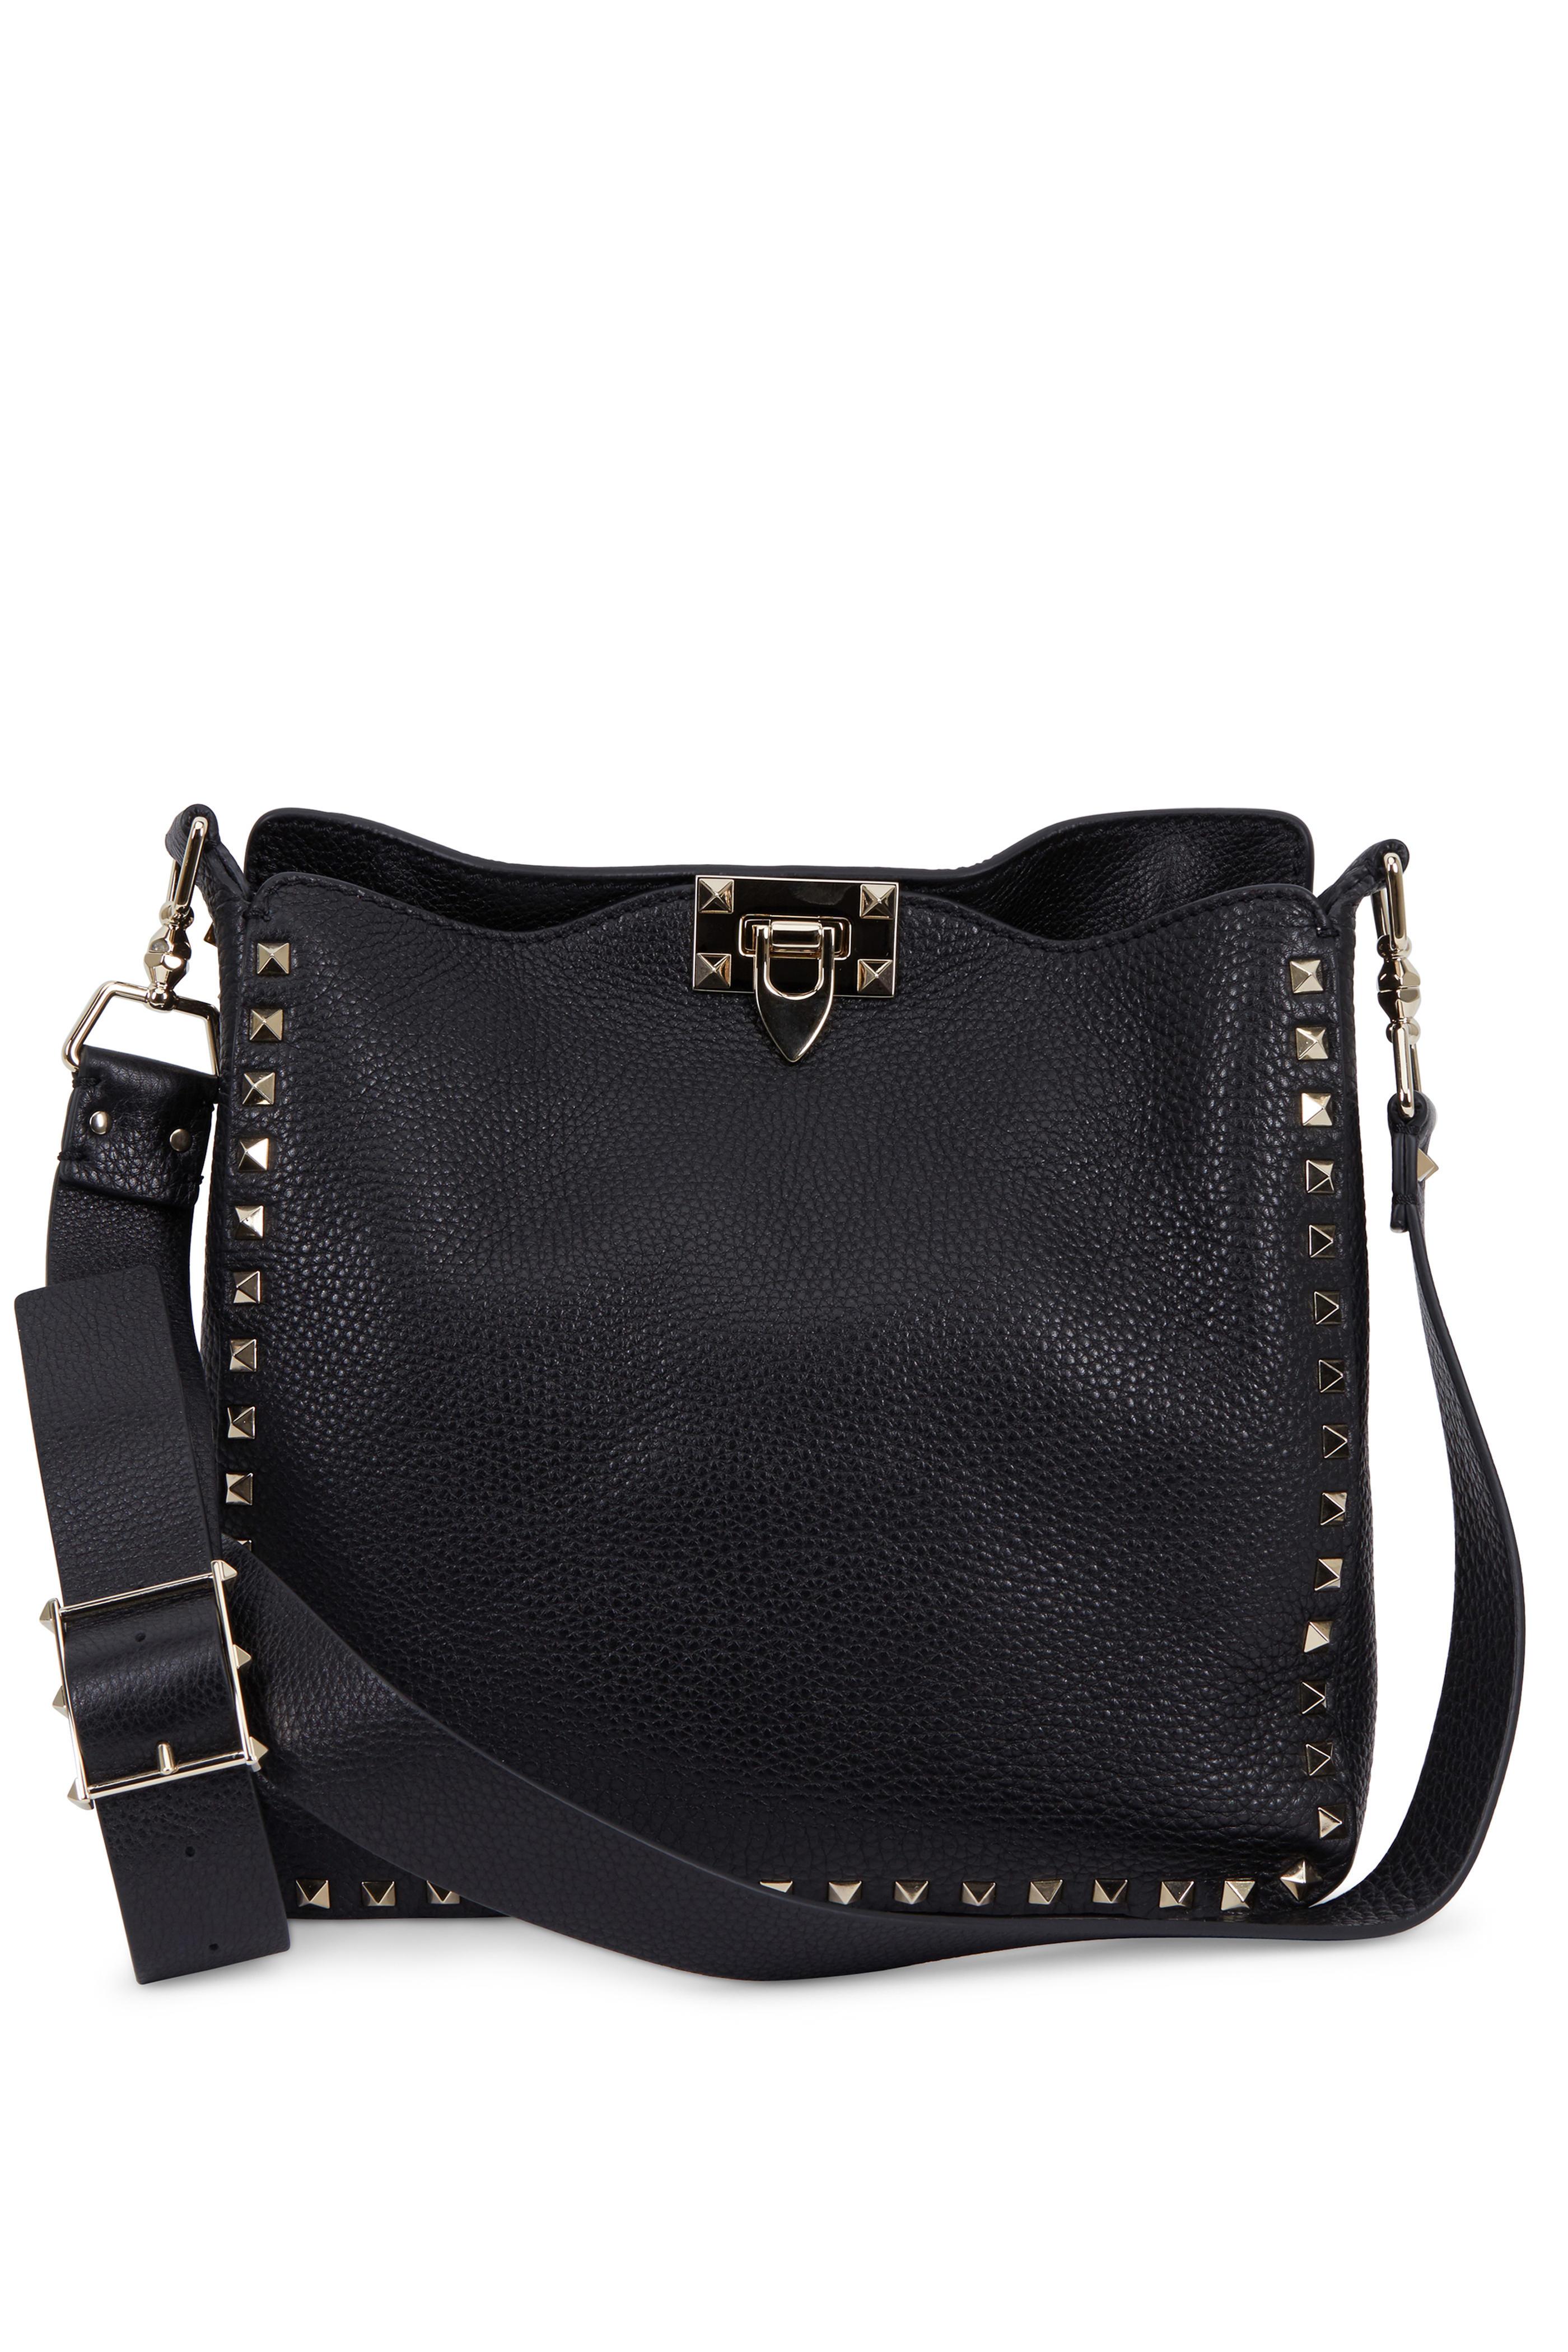 Valentino Garavani - Rockstud Black Leather Small Hobo Crossbody ... e9a5f9b841a6f